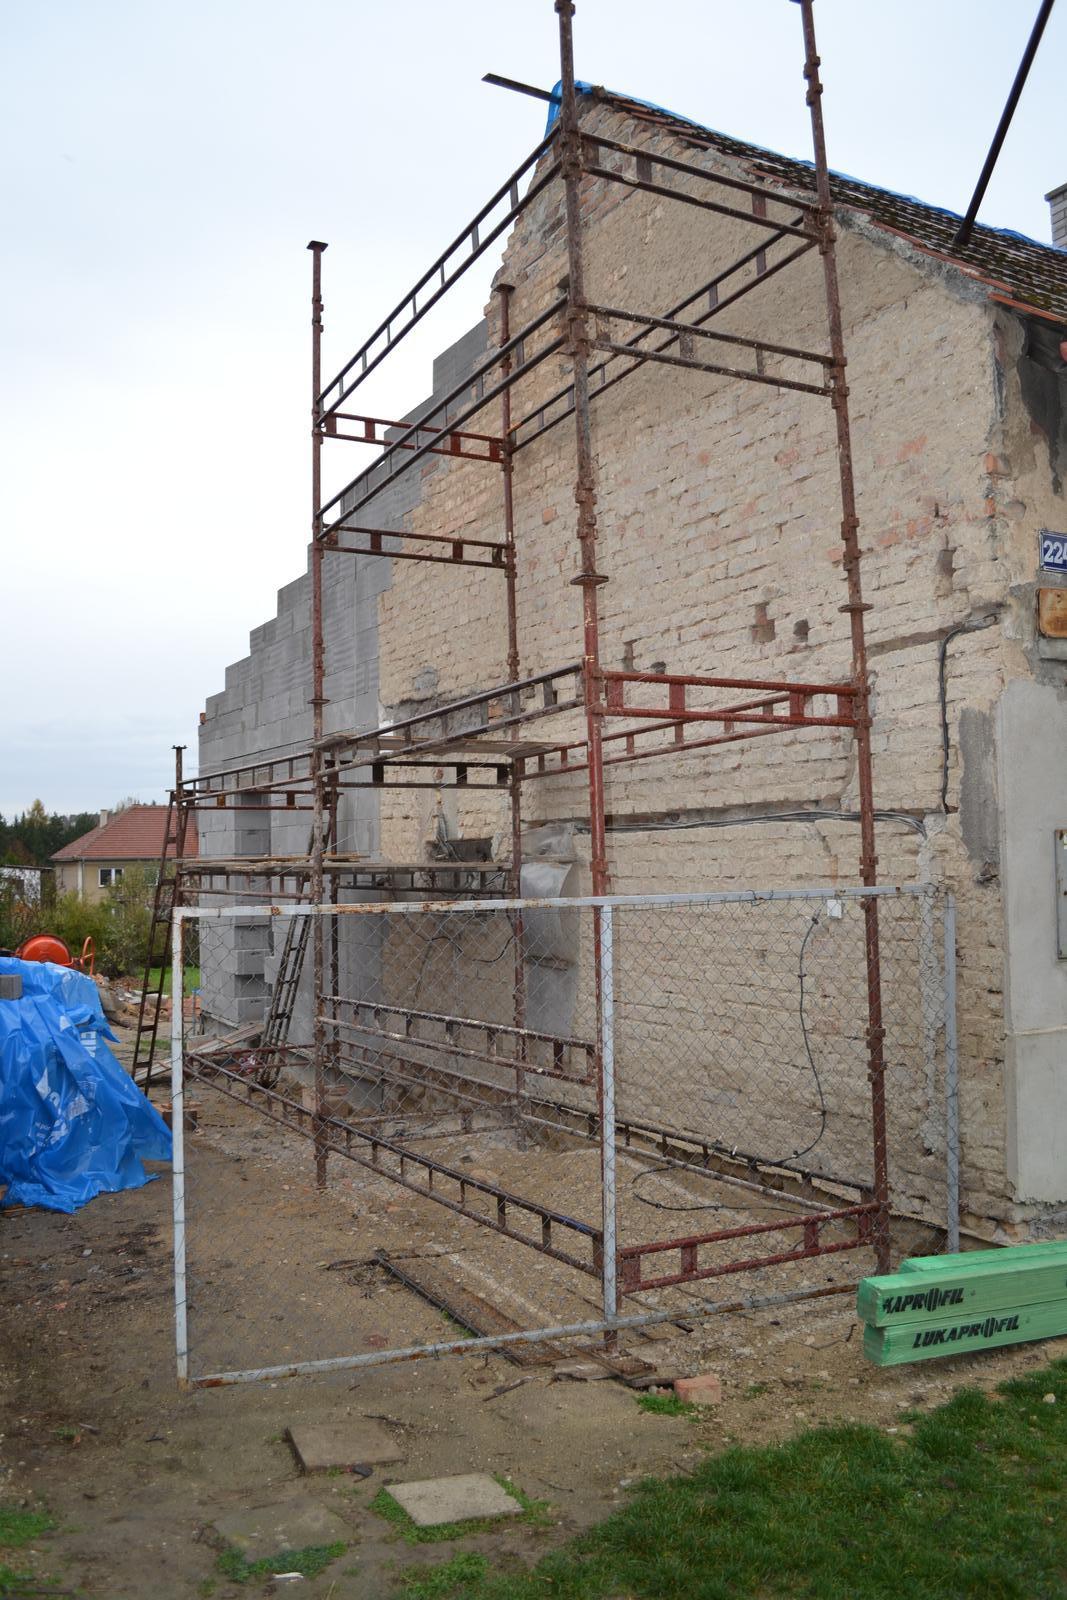 Domeček rekonstruujeme pro rodiče - z boku otlučeno - pohled do dvora z ulice